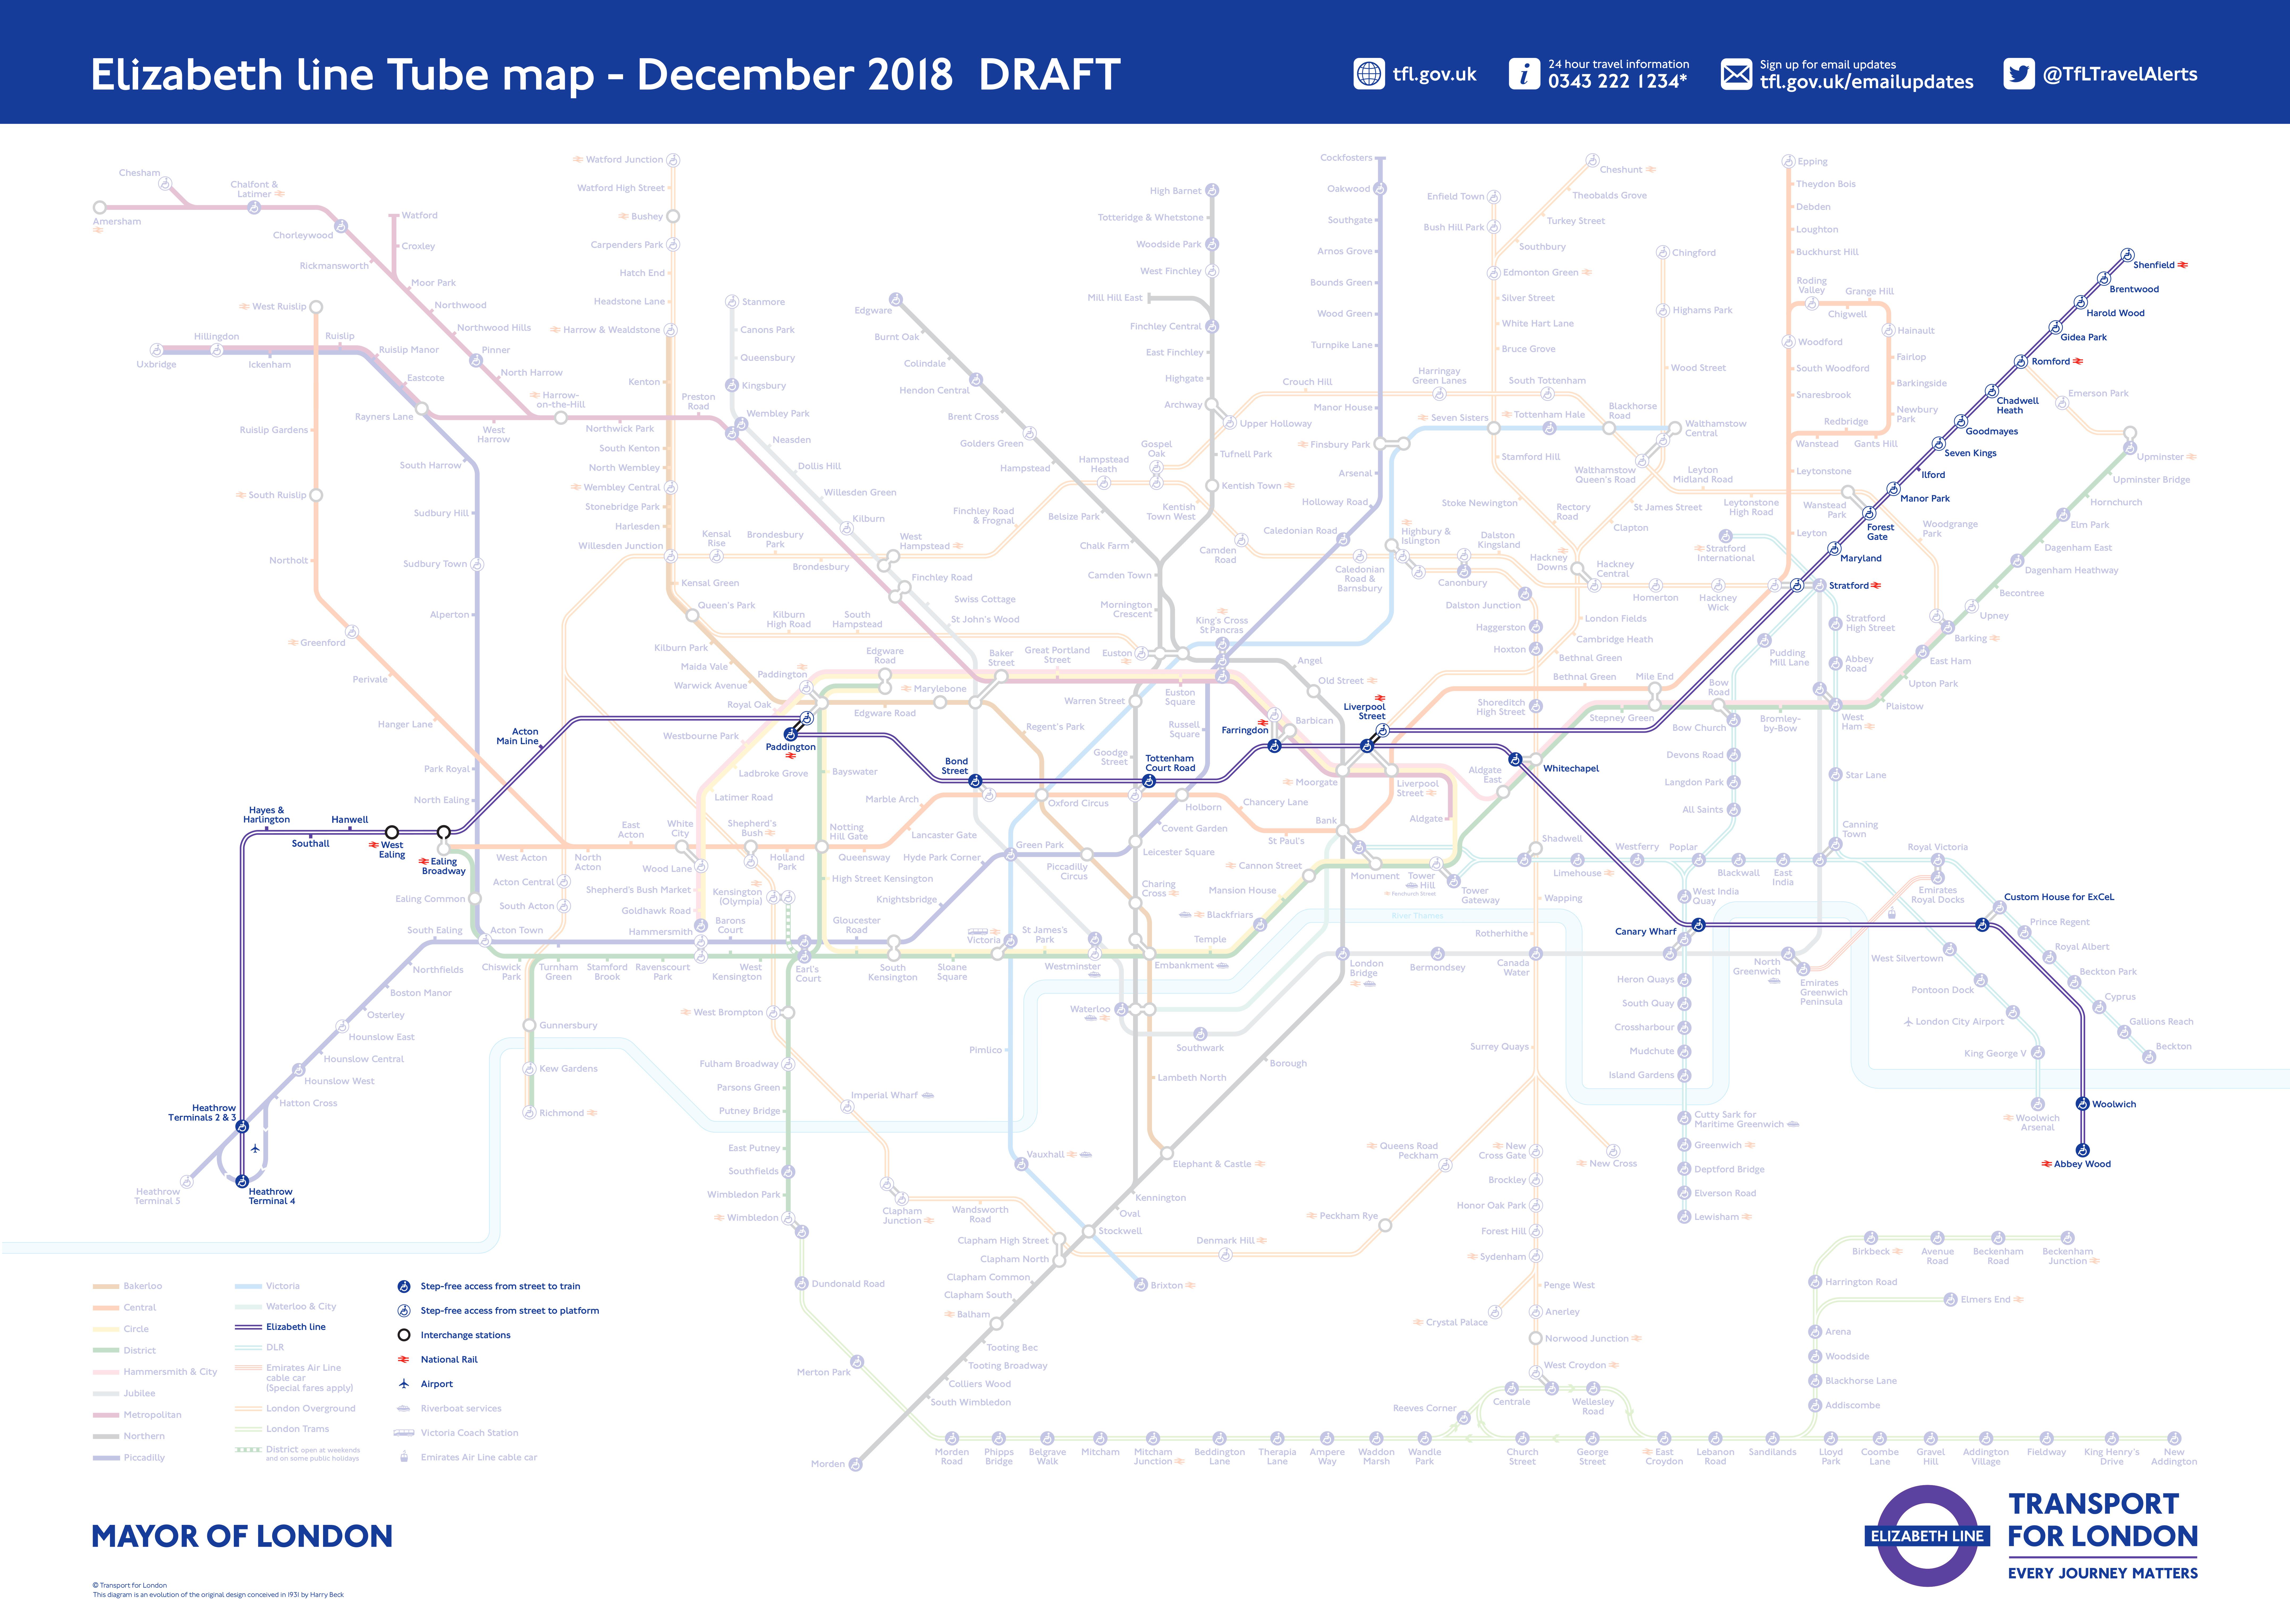 TubeMap_December 2018 DRAFT